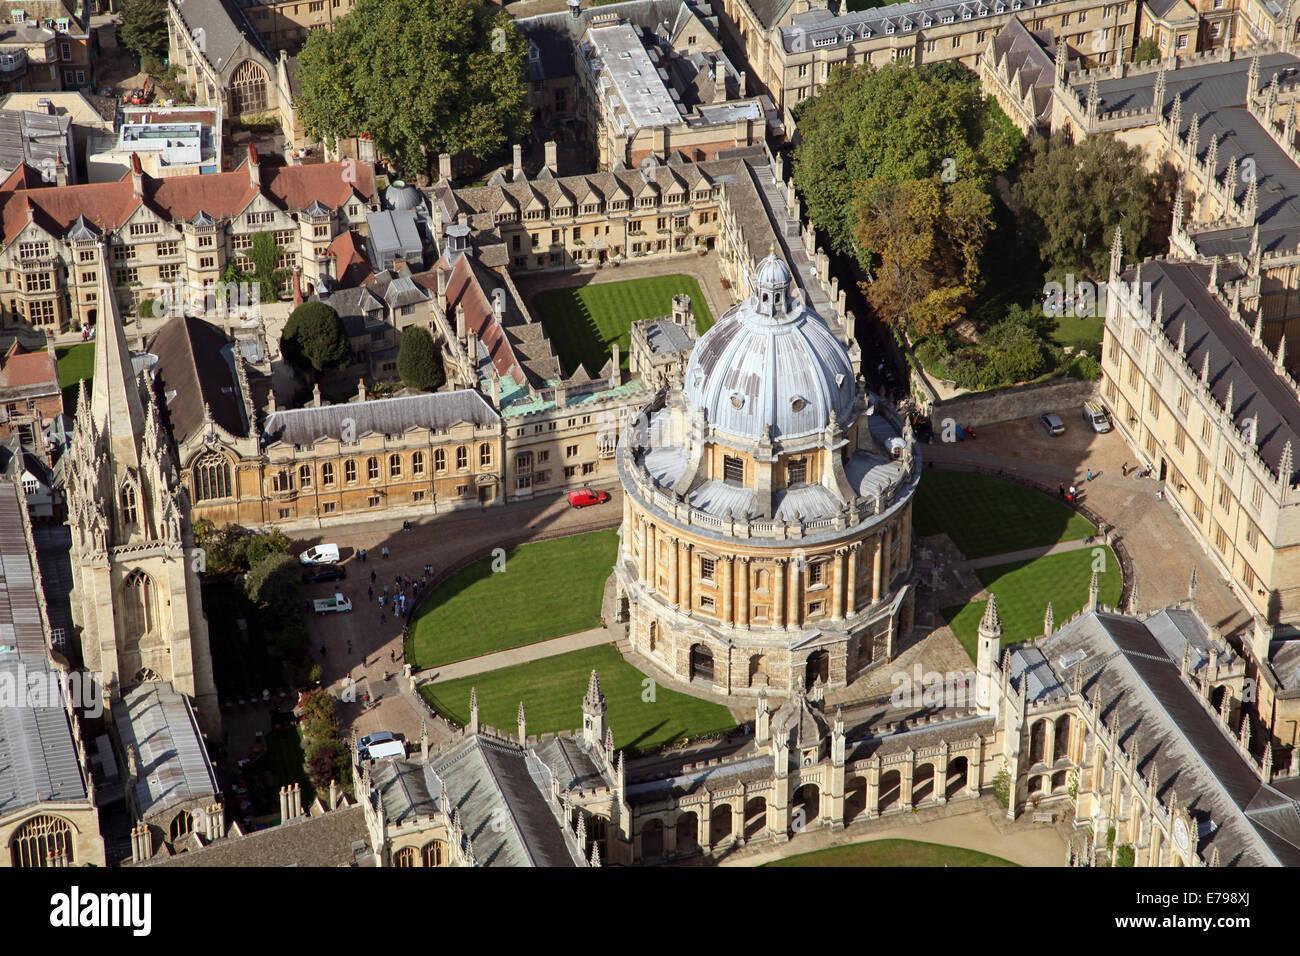 Luftaufnahme des Stadtzentrum von Oxford University Colleges und der Bodleian Library prominente Stockbild